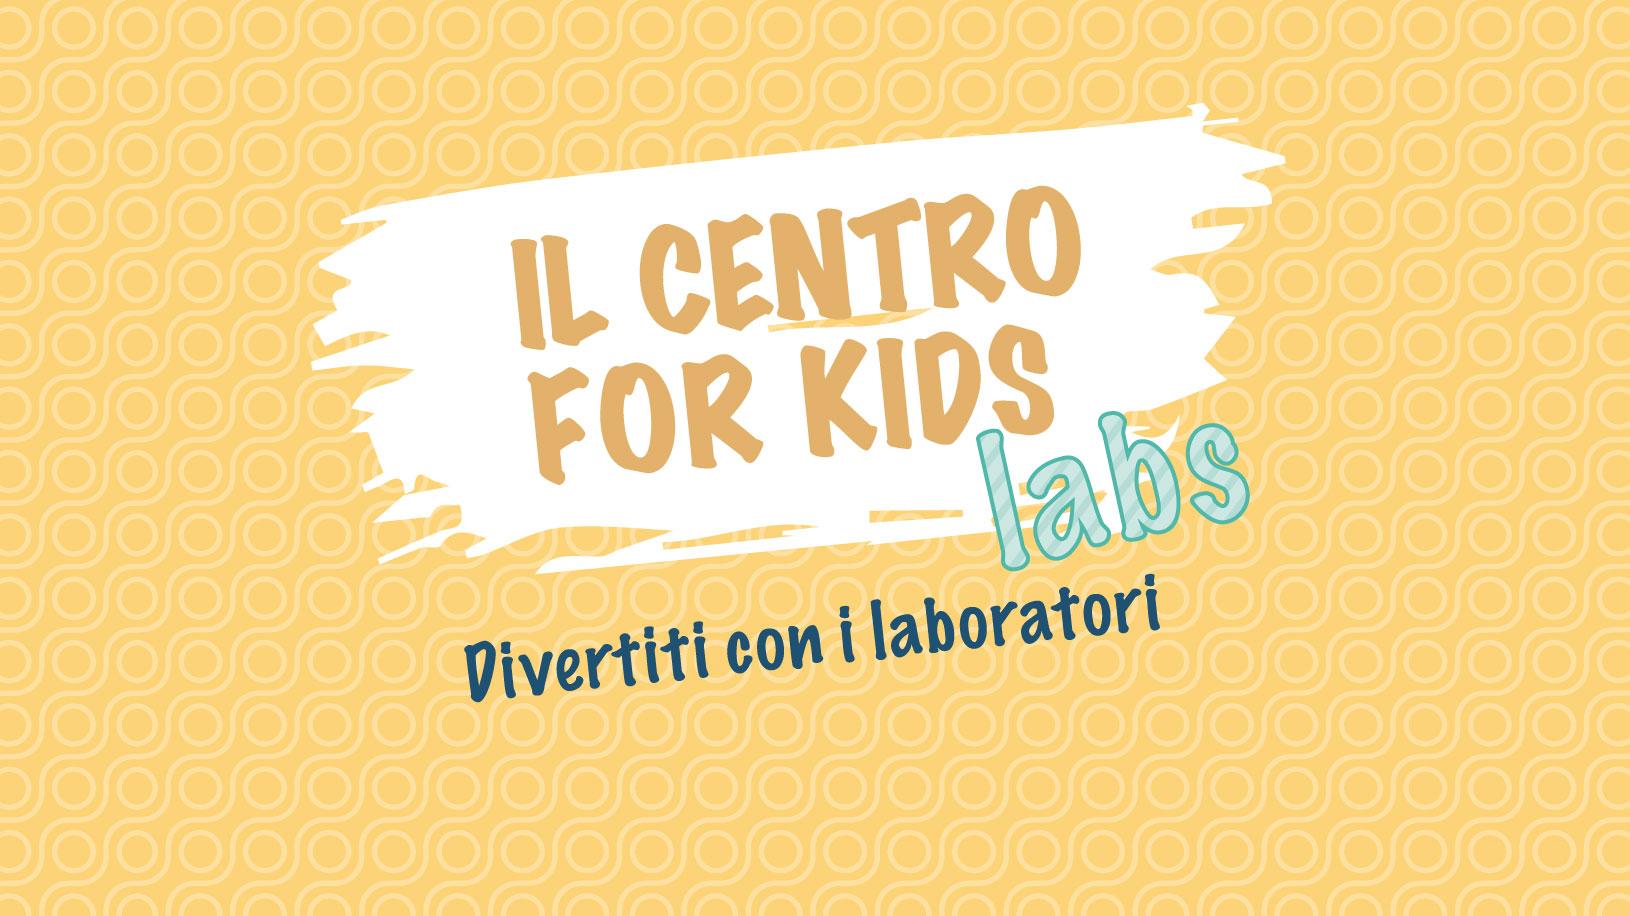 Quiz Ecologia Per Bambini ilcentro4kids il progetto del mall di arese, propone un